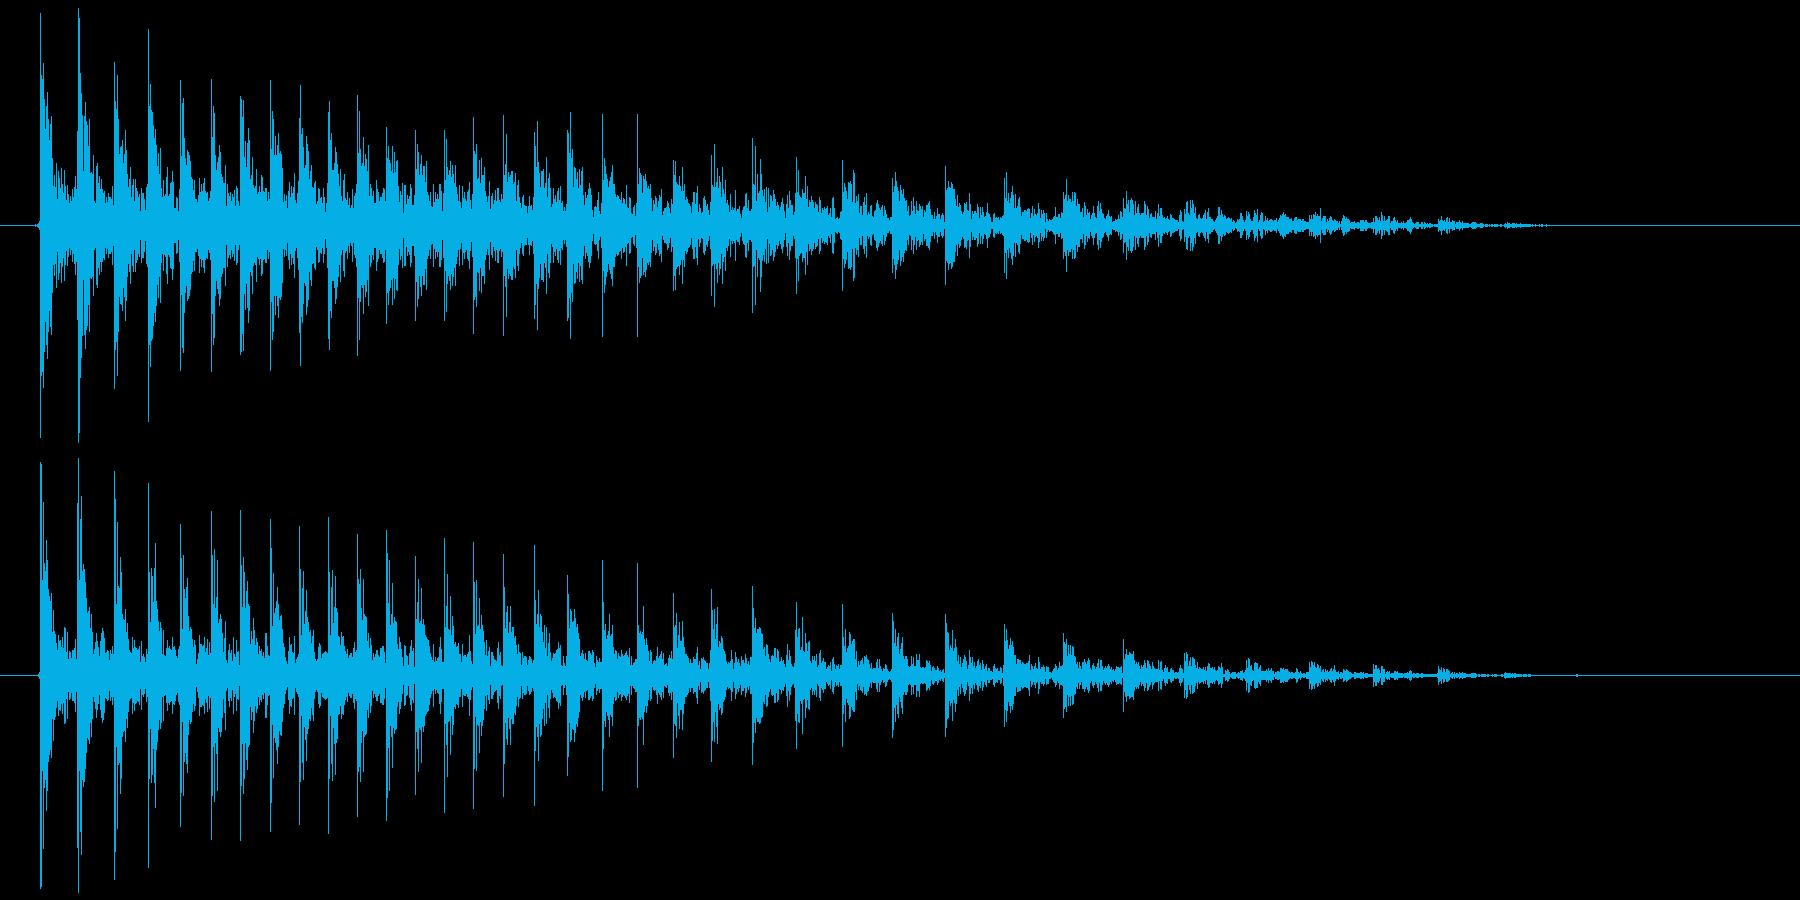 軋む(ドア、扉など) ギィィィゥの再生済みの波形